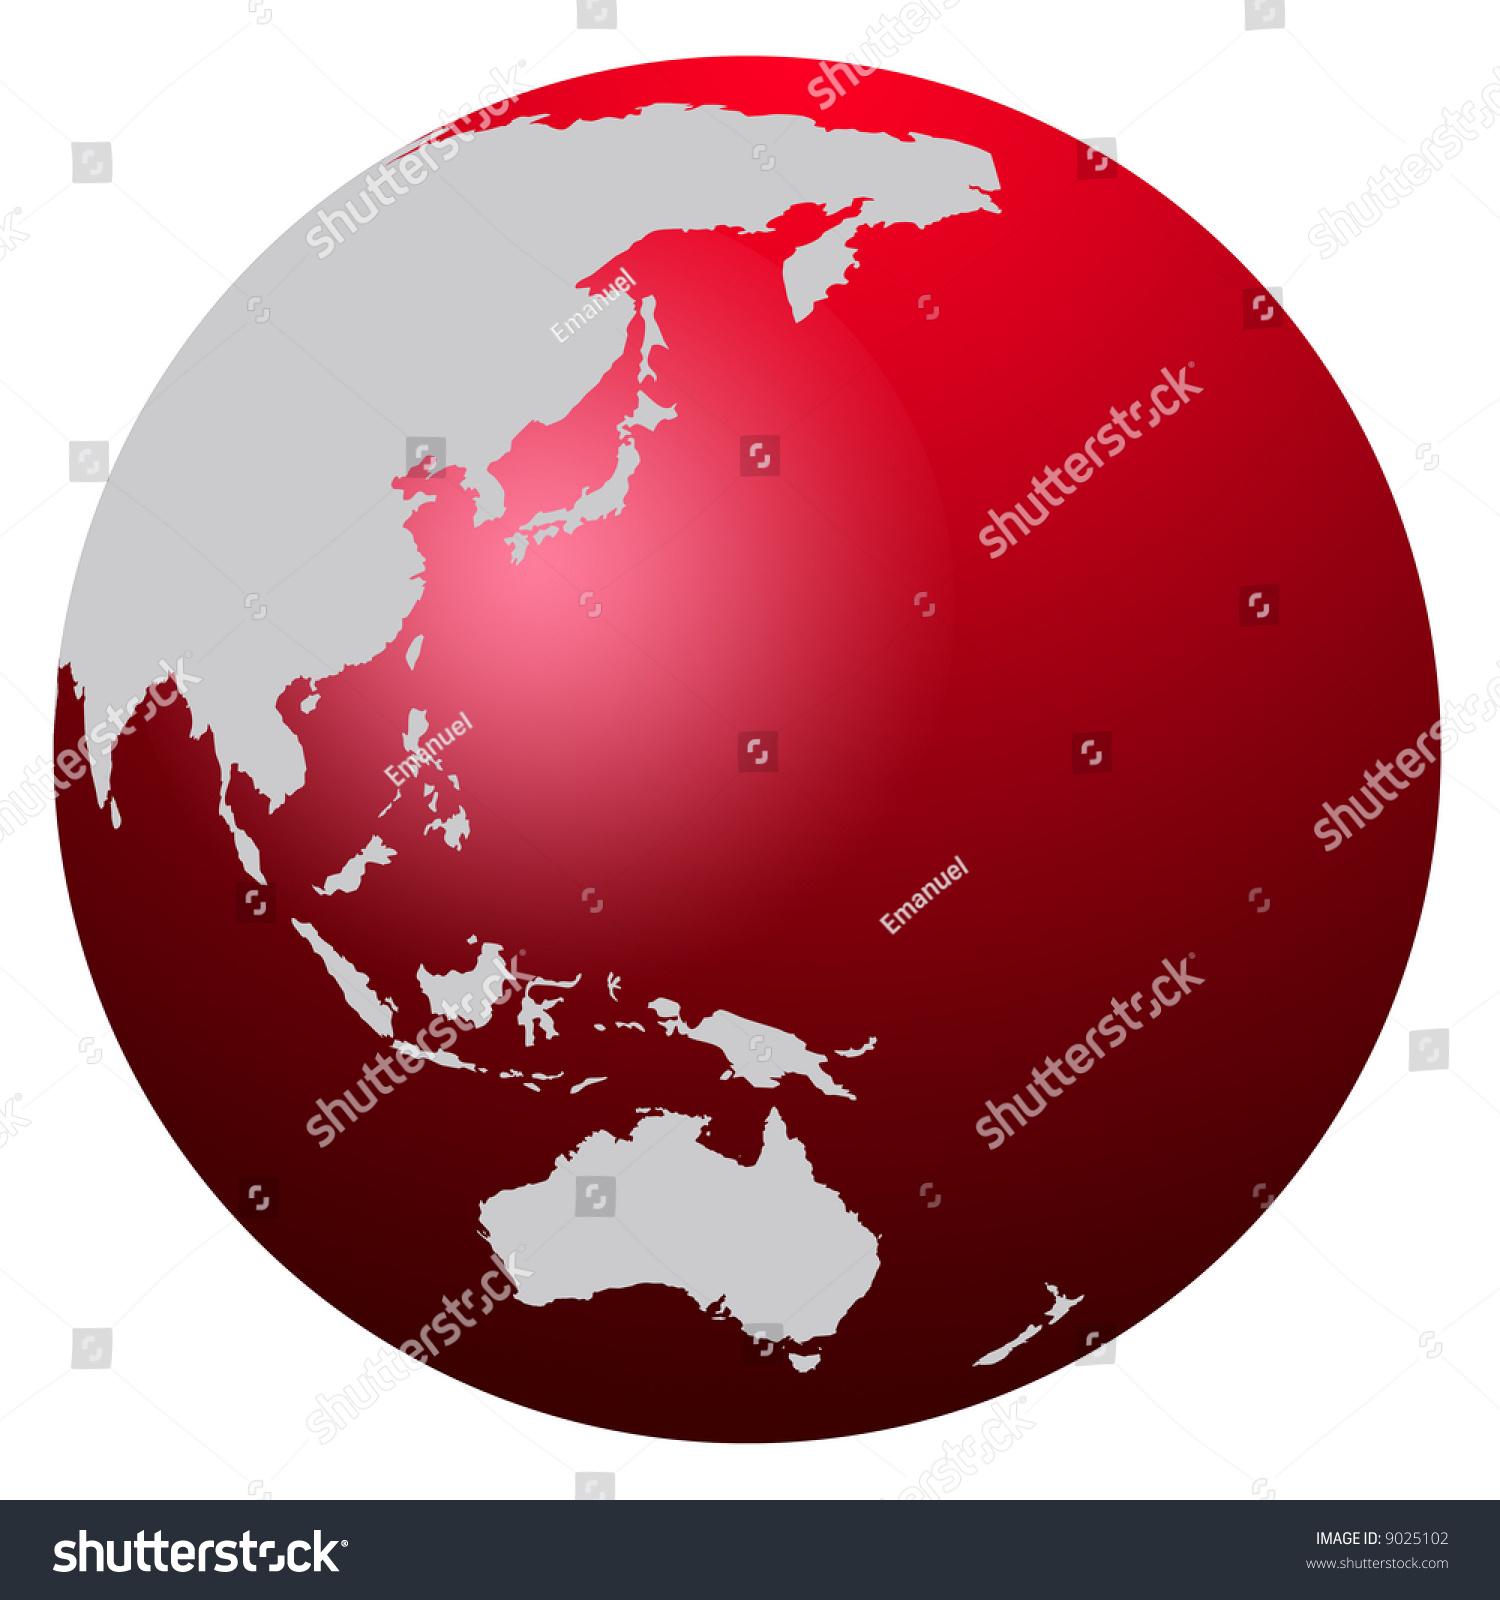 red world map globe asia australia stock illustration 9025102 shutterstock